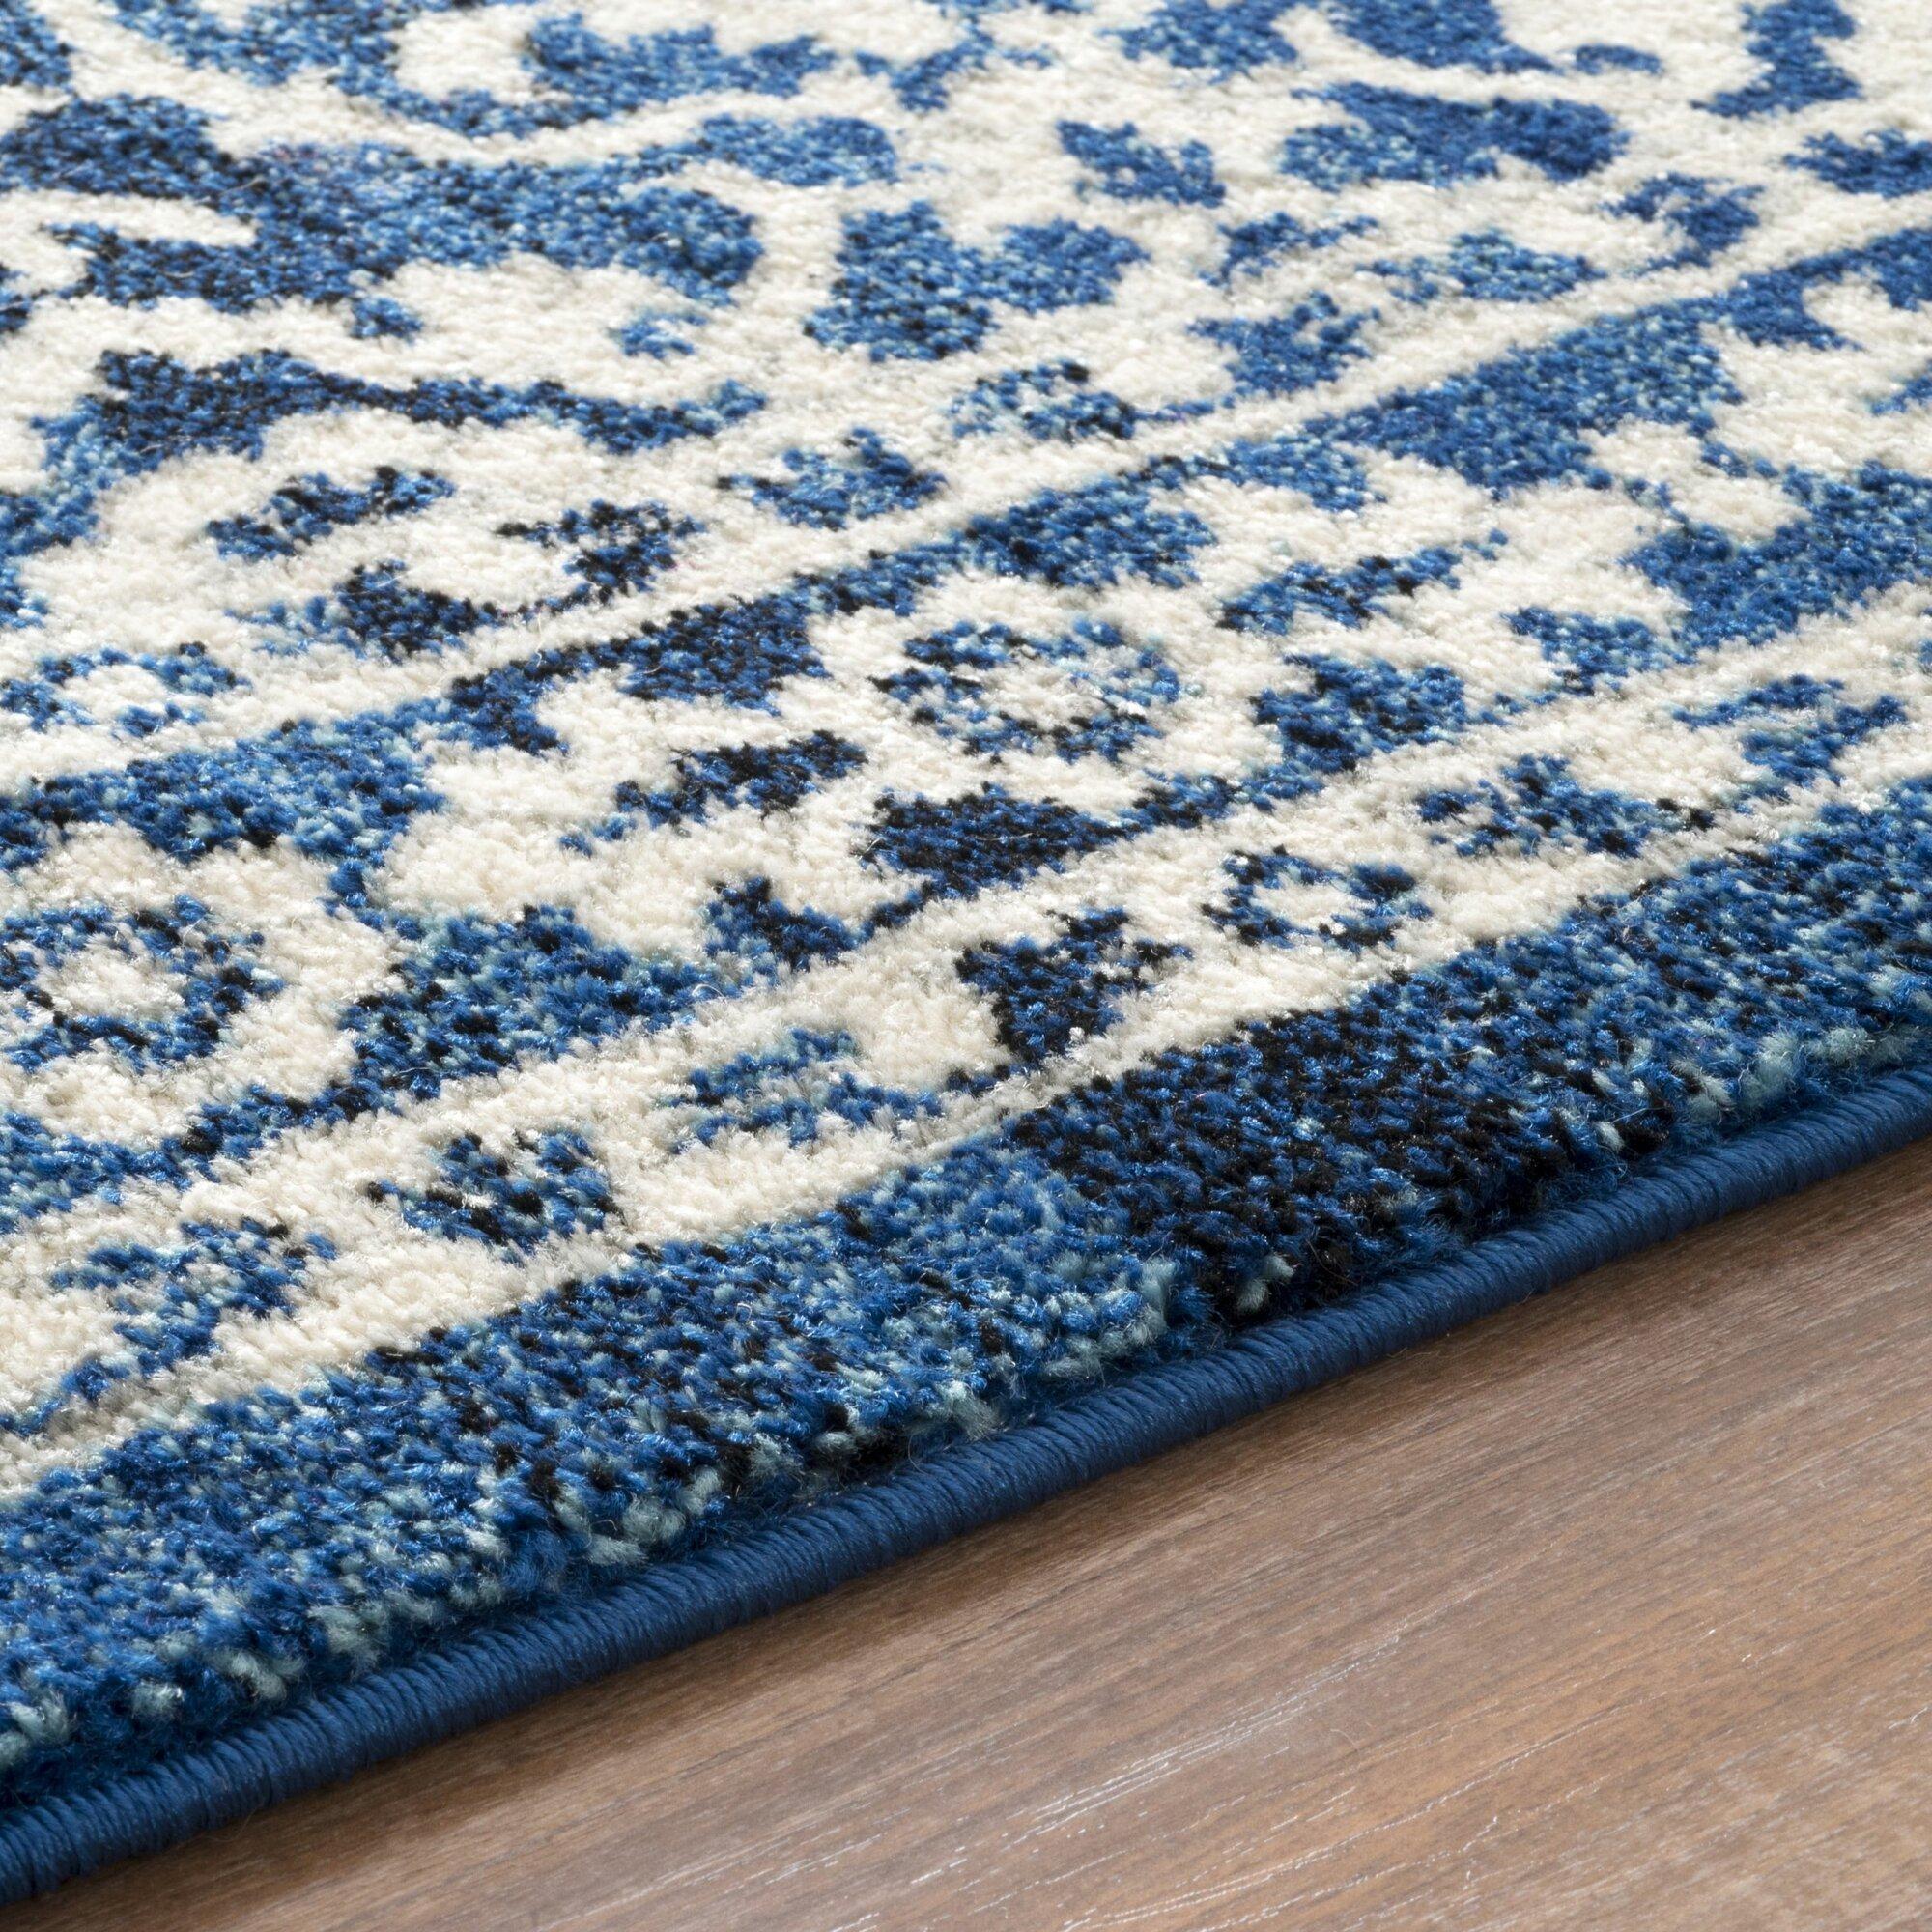 Plumville Dark Blue Cream Area Rug Amp Reviews Birch Lane